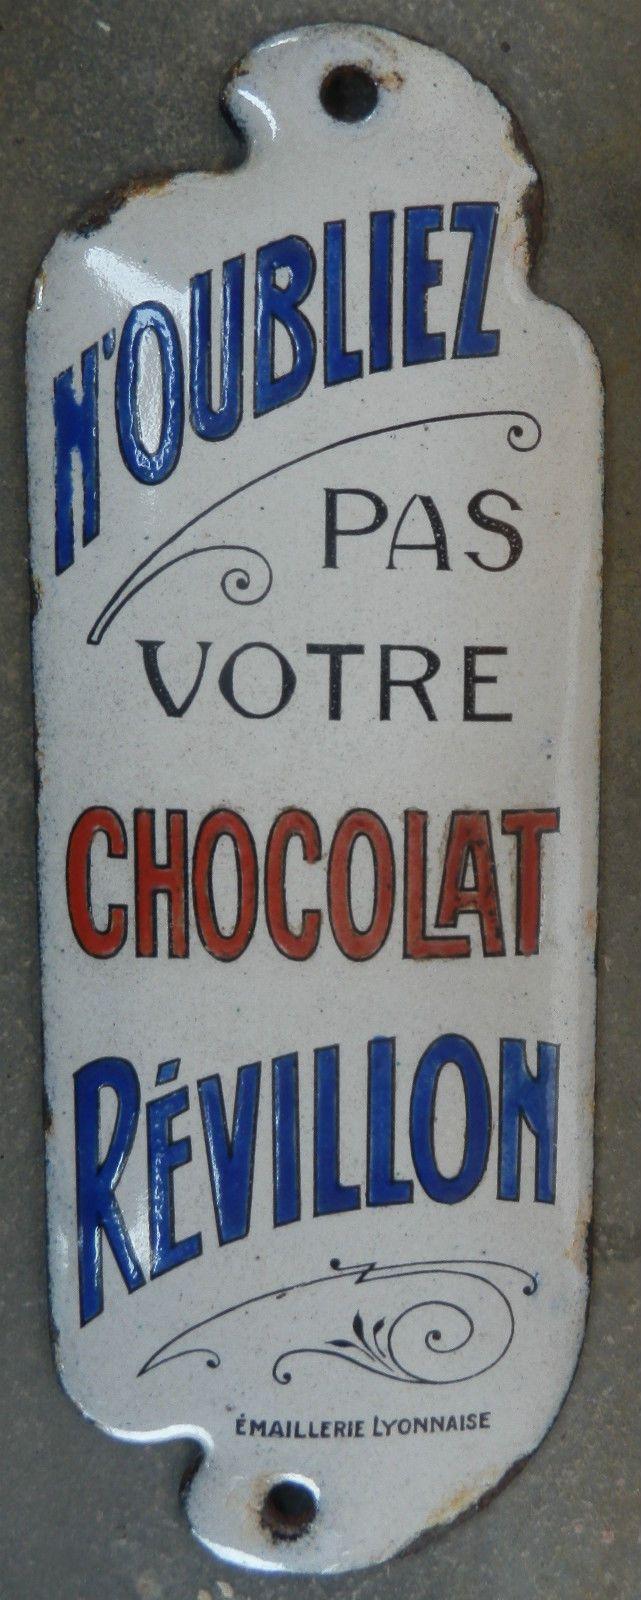 plaque maill e ancienne de propret chocolat r villon publicitaire bistrot ebay mail. Black Bedroom Furniture Sets. Home Design Ideas